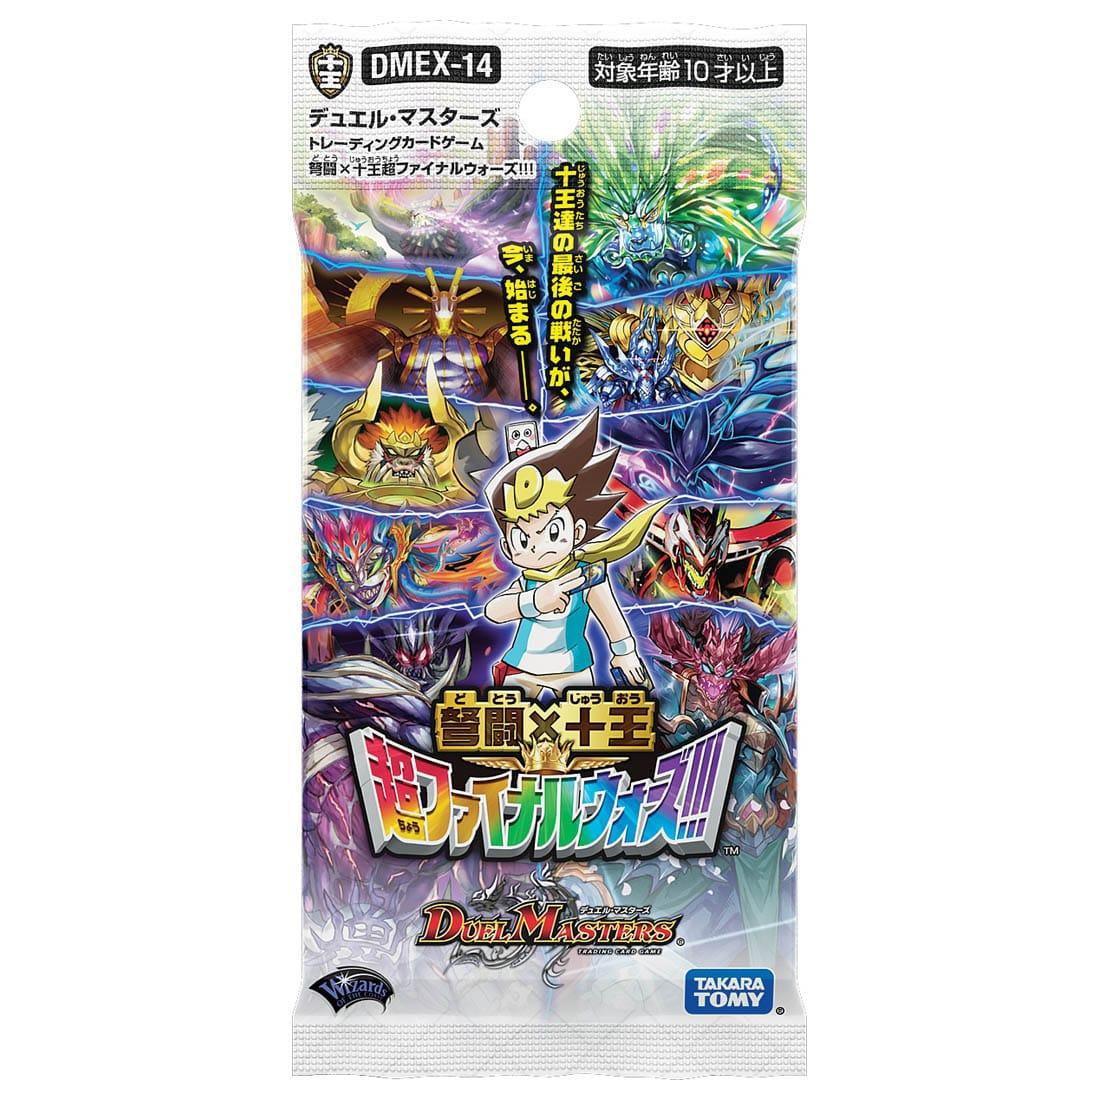 デュエル・マスターズTCGD『DMEX-14 弩闘×十王超ファイナルウォーズ!!!』DP-BOX-002